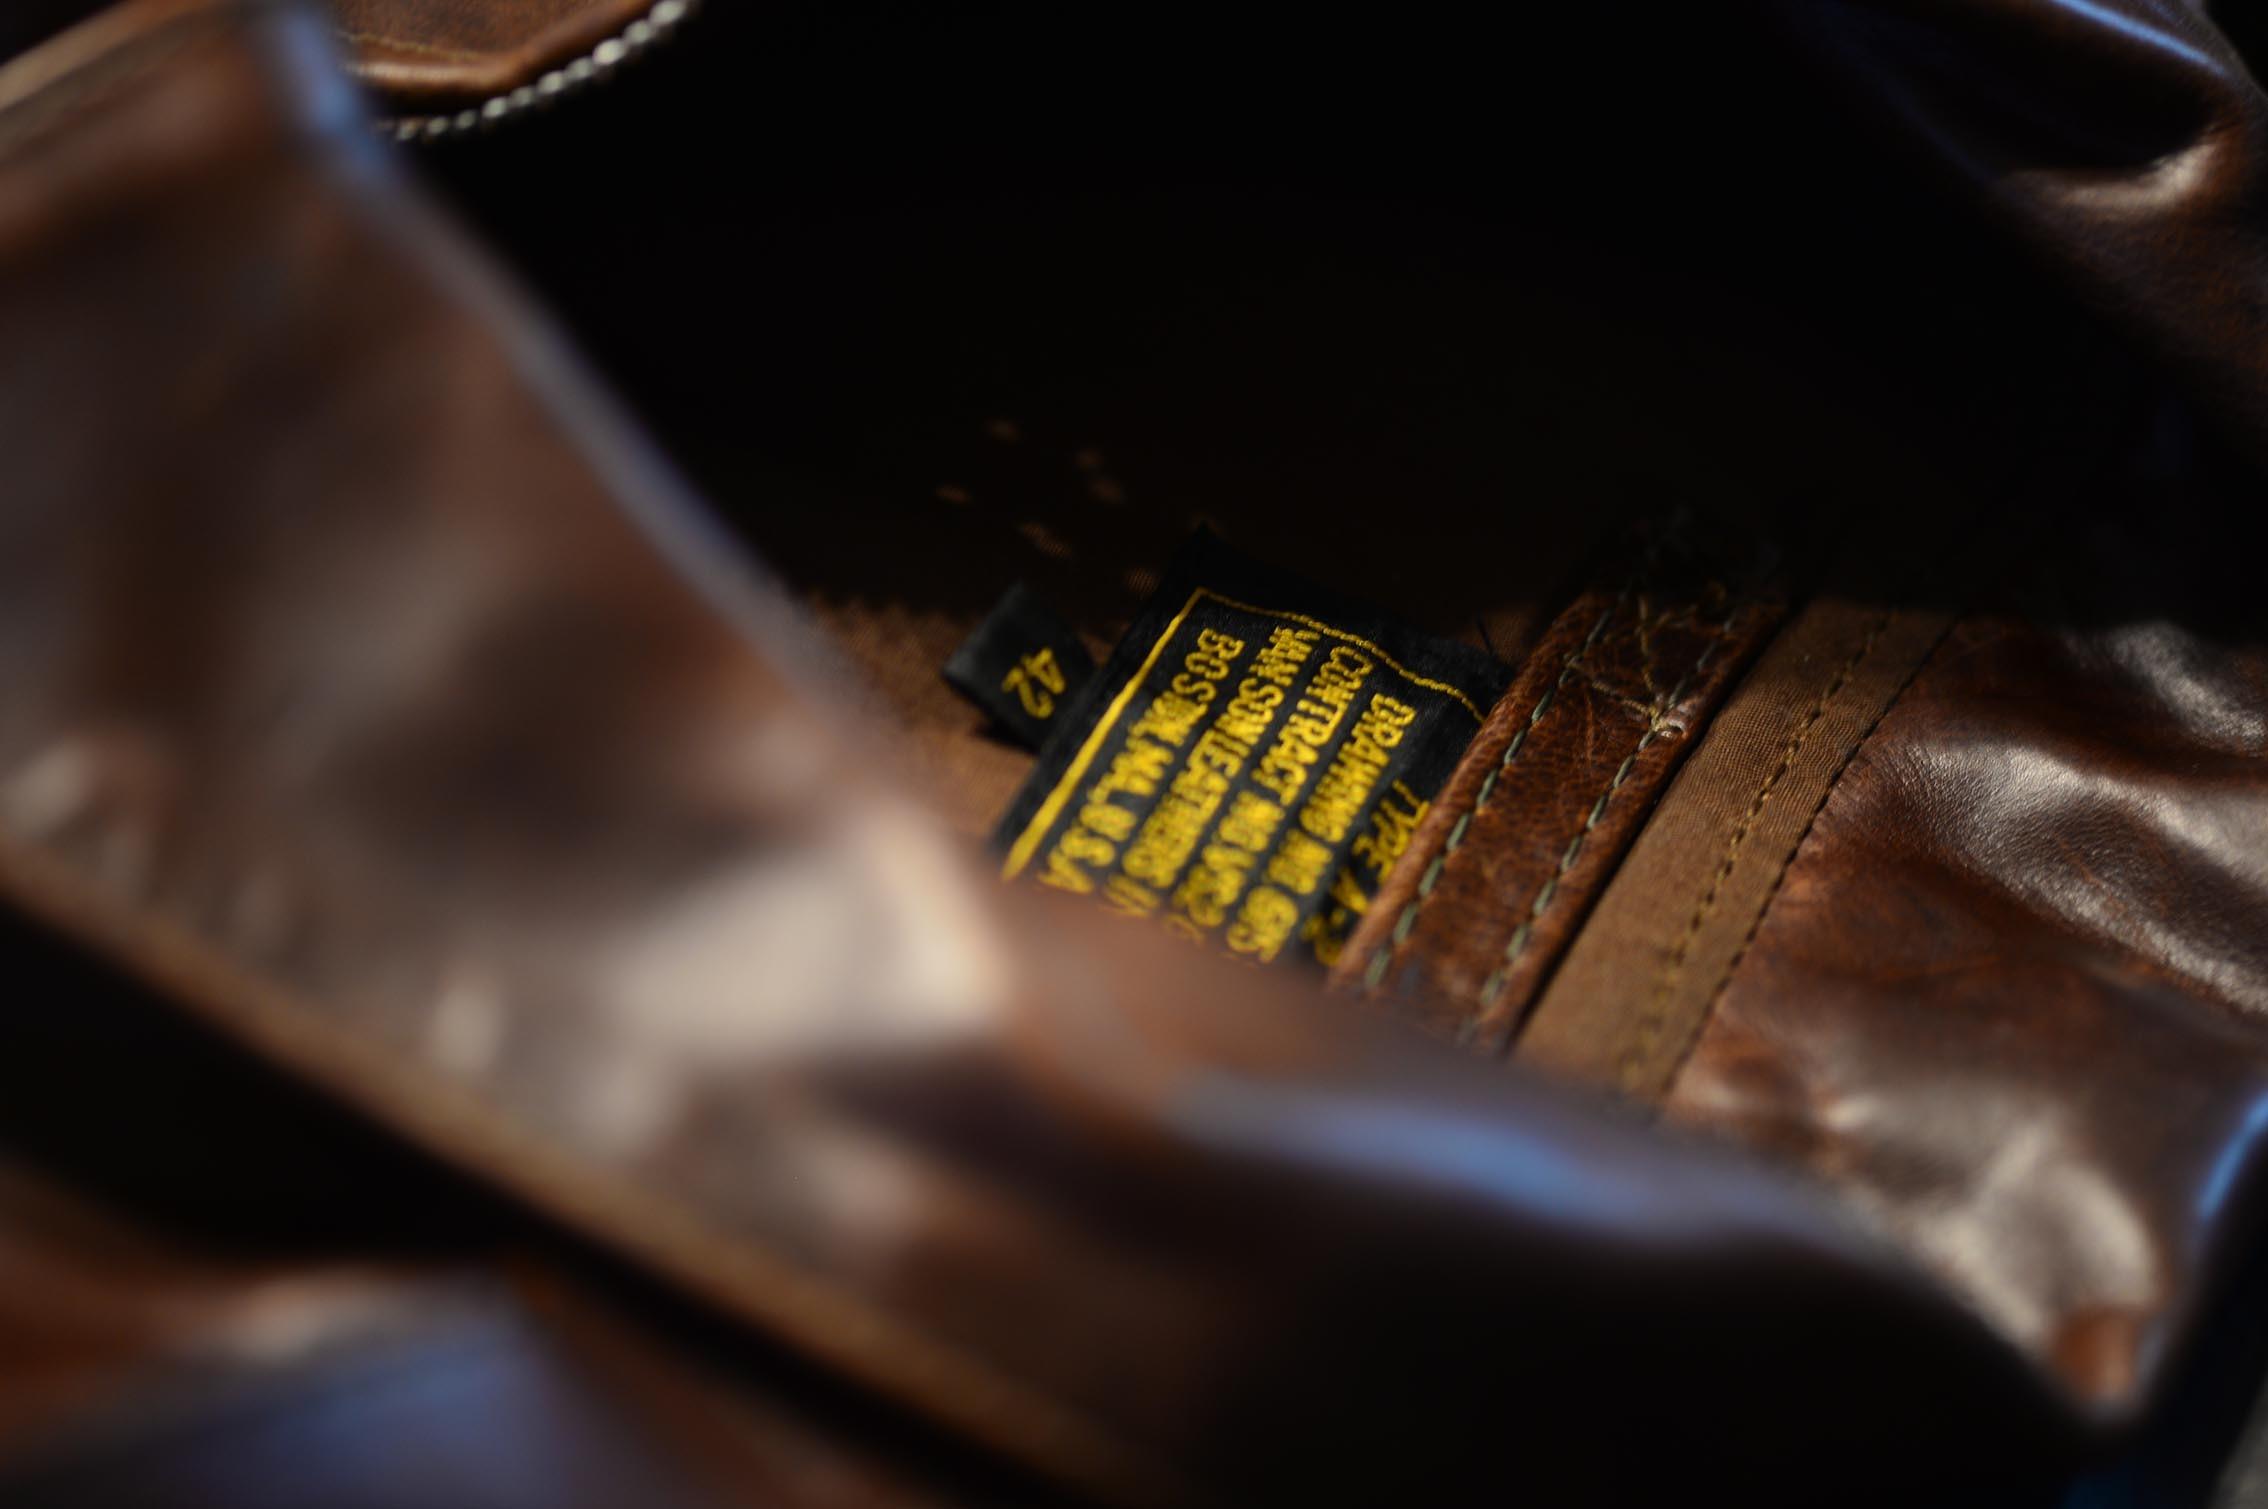 ジャケット皮革考察6  バンソン A2 クオーターホースハイド/ブラウン_b0310424_12071847.jpg